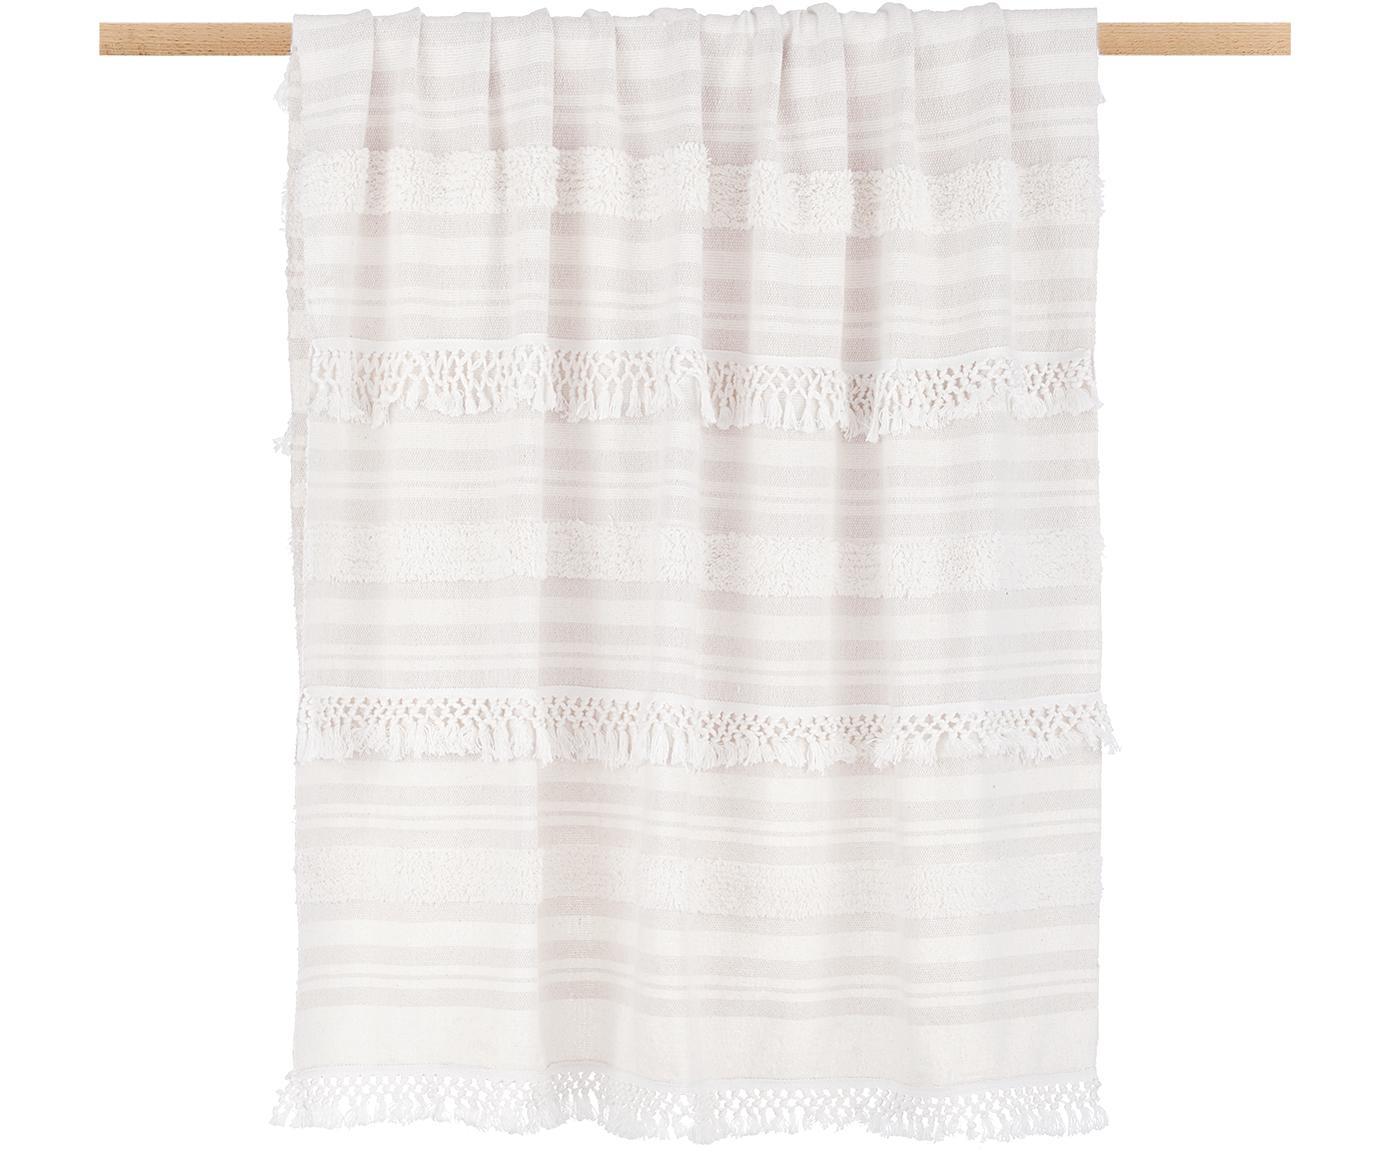 Baumwollplaid Nara mit Fransen in Creme/Beige, 100% Baumwolle, Cremeweiß, Beige, 130 x 170 cm